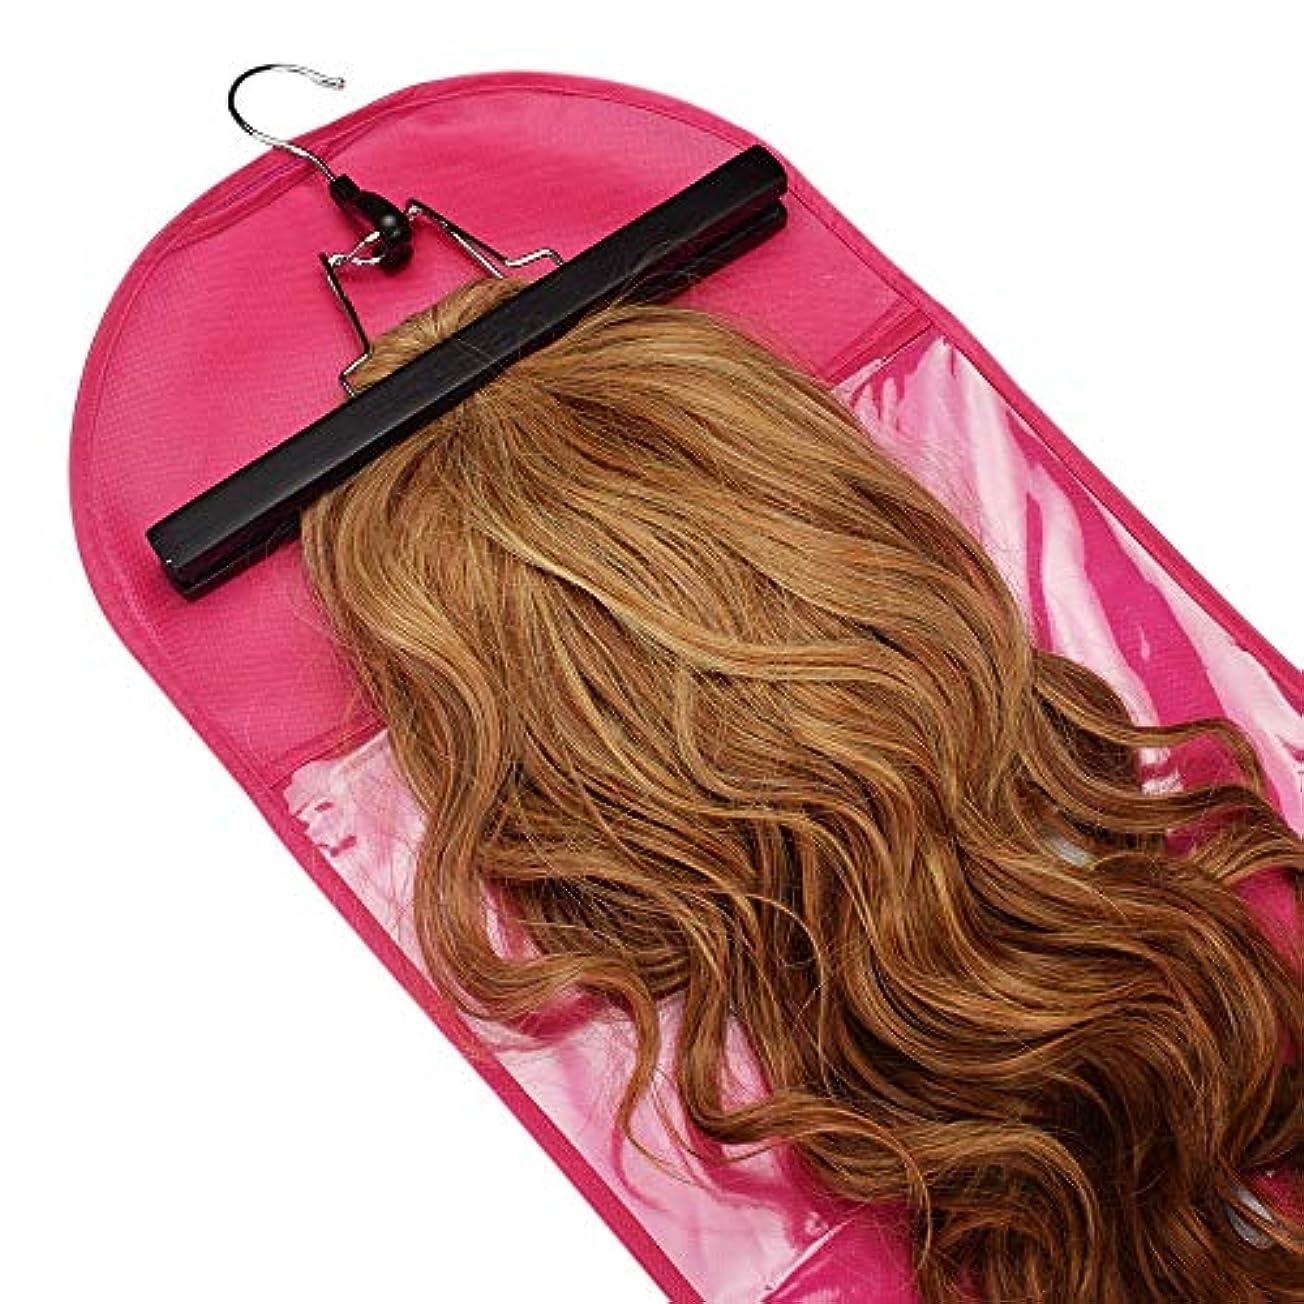 計算するシュリンク成功美しさ 3個のヘアエクステンションかつら収納袋ハンガー防塵保護収納ホルダー ヘア&シェービング (色 : ピンク)